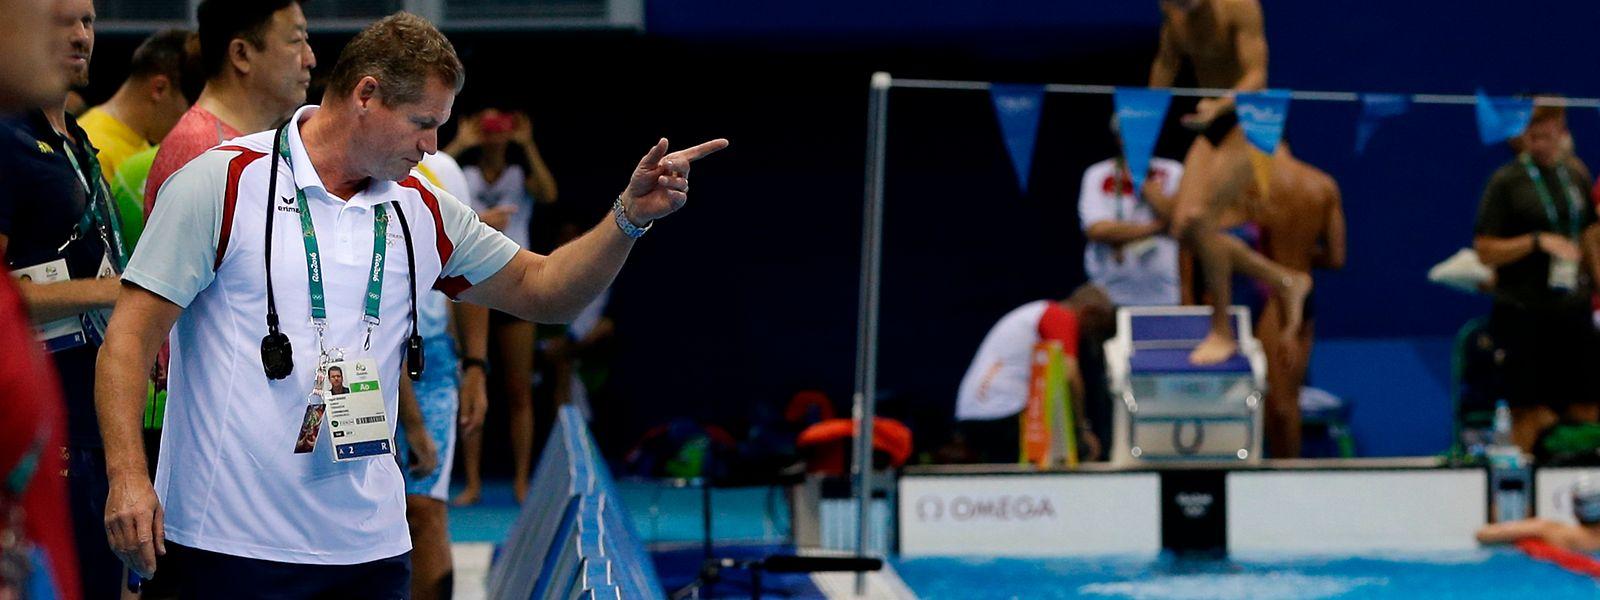 Der scheidende Nationaltrainer Ingolf Bender kann seine Entlassung nicht nachvollziehen.